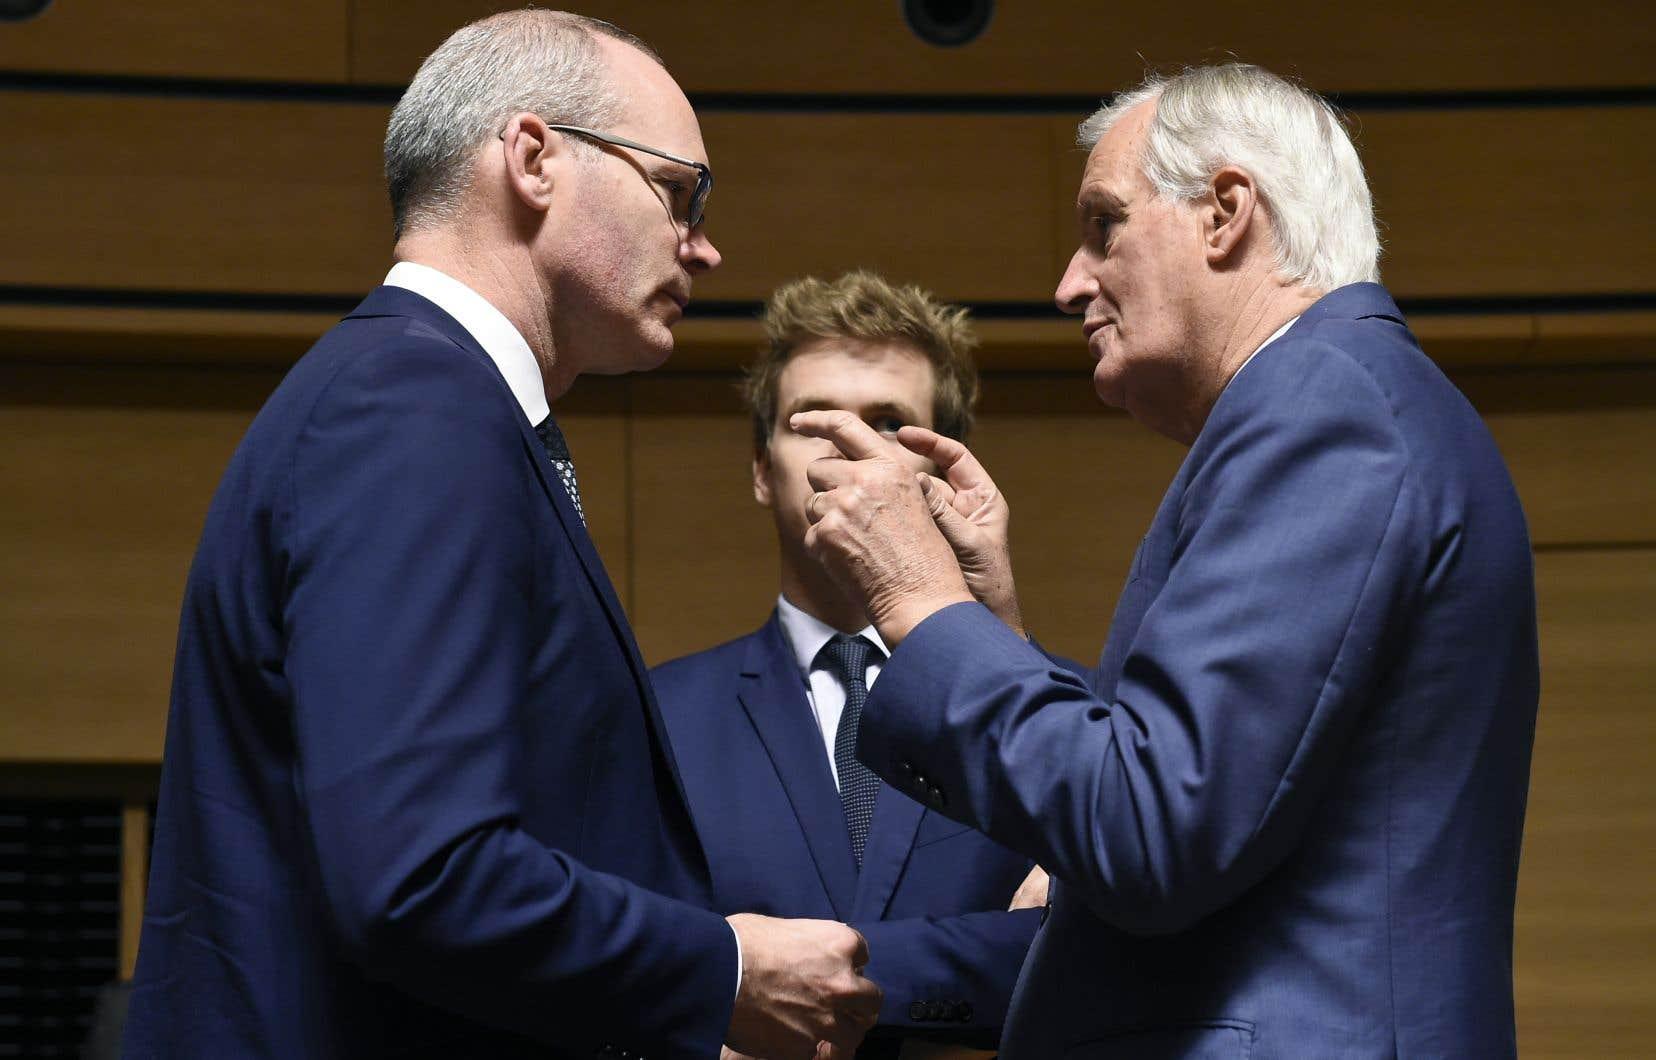 Le ministre irlandais des Affaires étrangères, Simon Coveney, a discuté mardi avec le négociateur en chef européen, Michel Barnier, lors d'une réunion au Luxembourg.